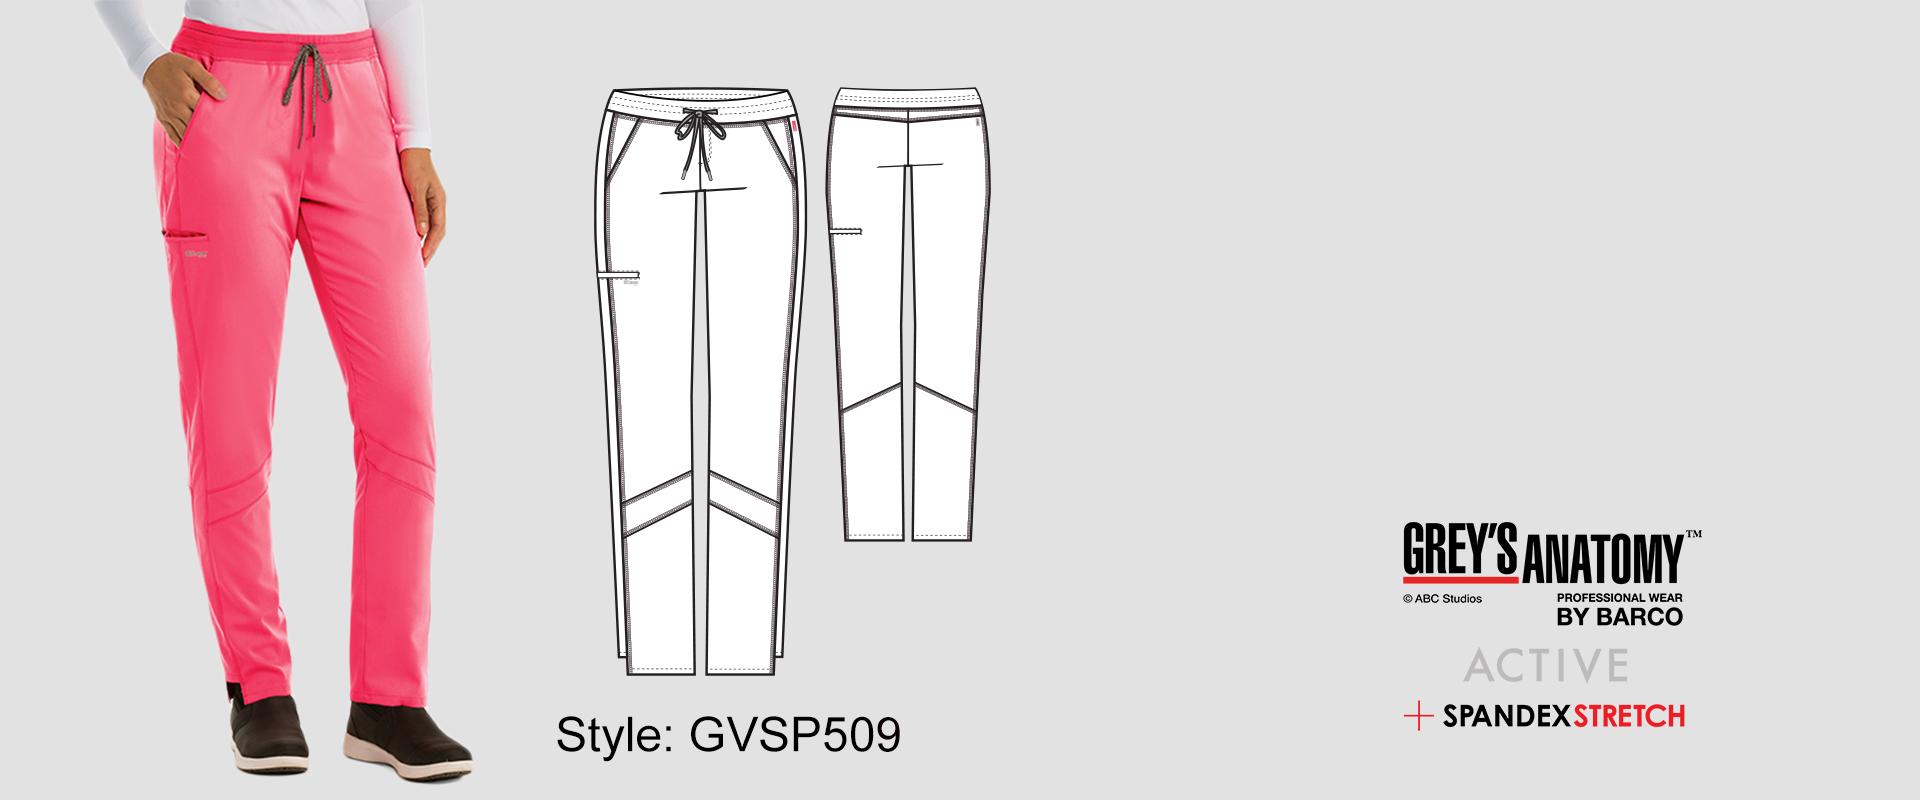 (GVSP509) Scrub Pants